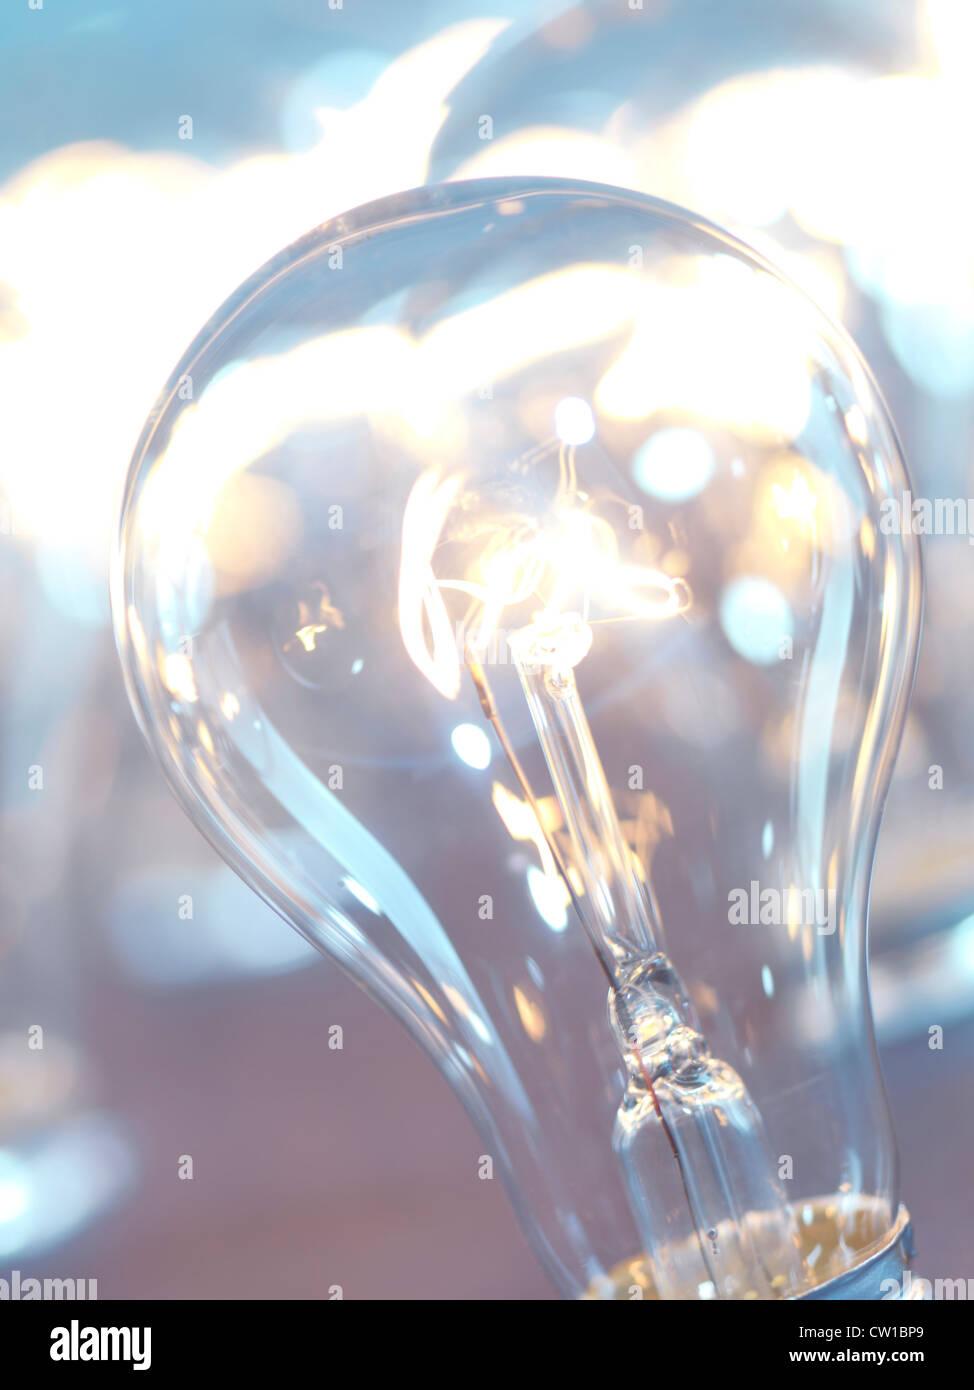 Accesa lampadina incandescente closeup sfondo astratto Immagini Stock